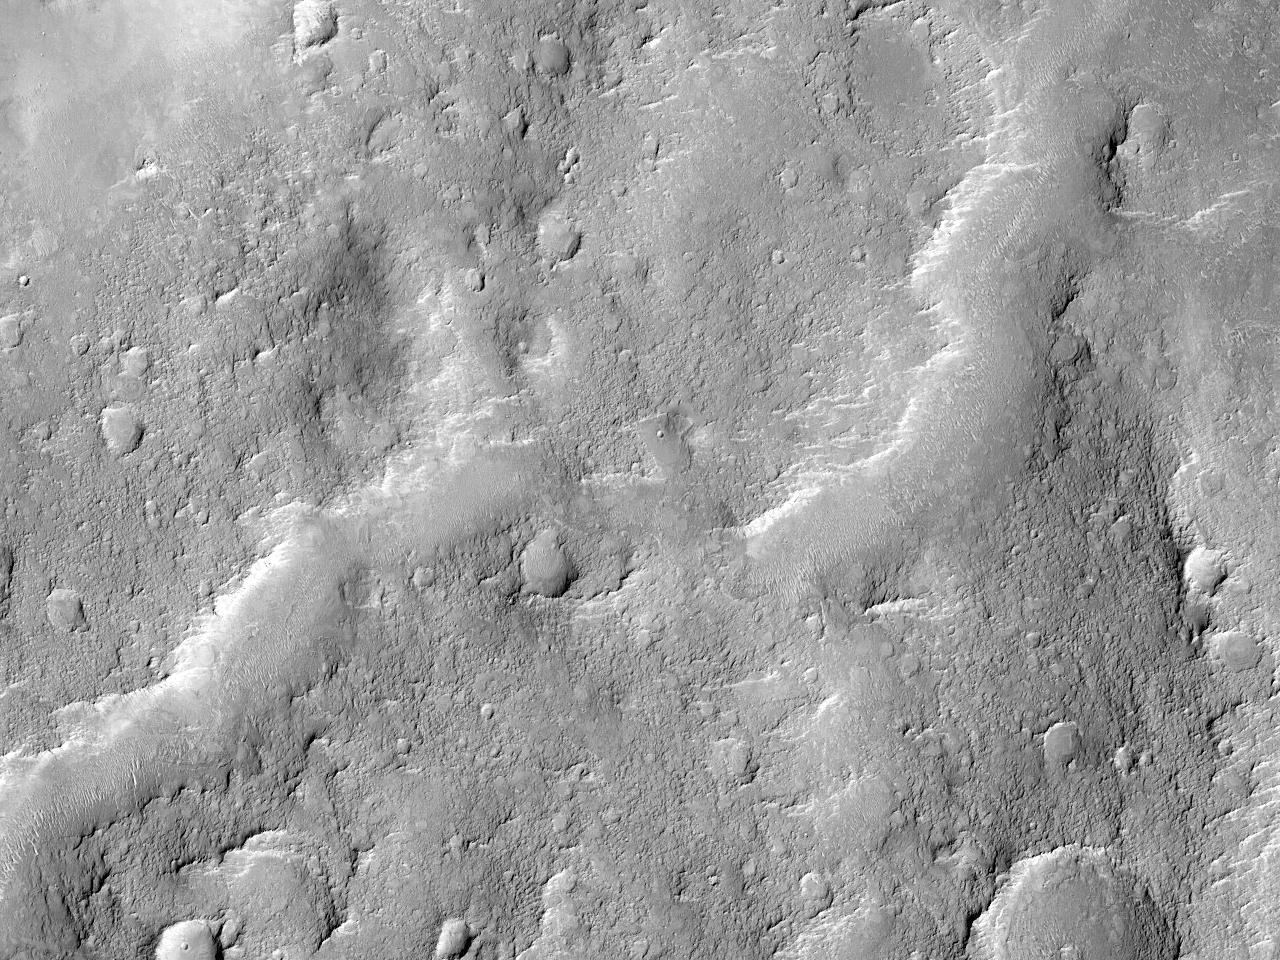 Canal in roca bazală la Nord de Craterul Gale